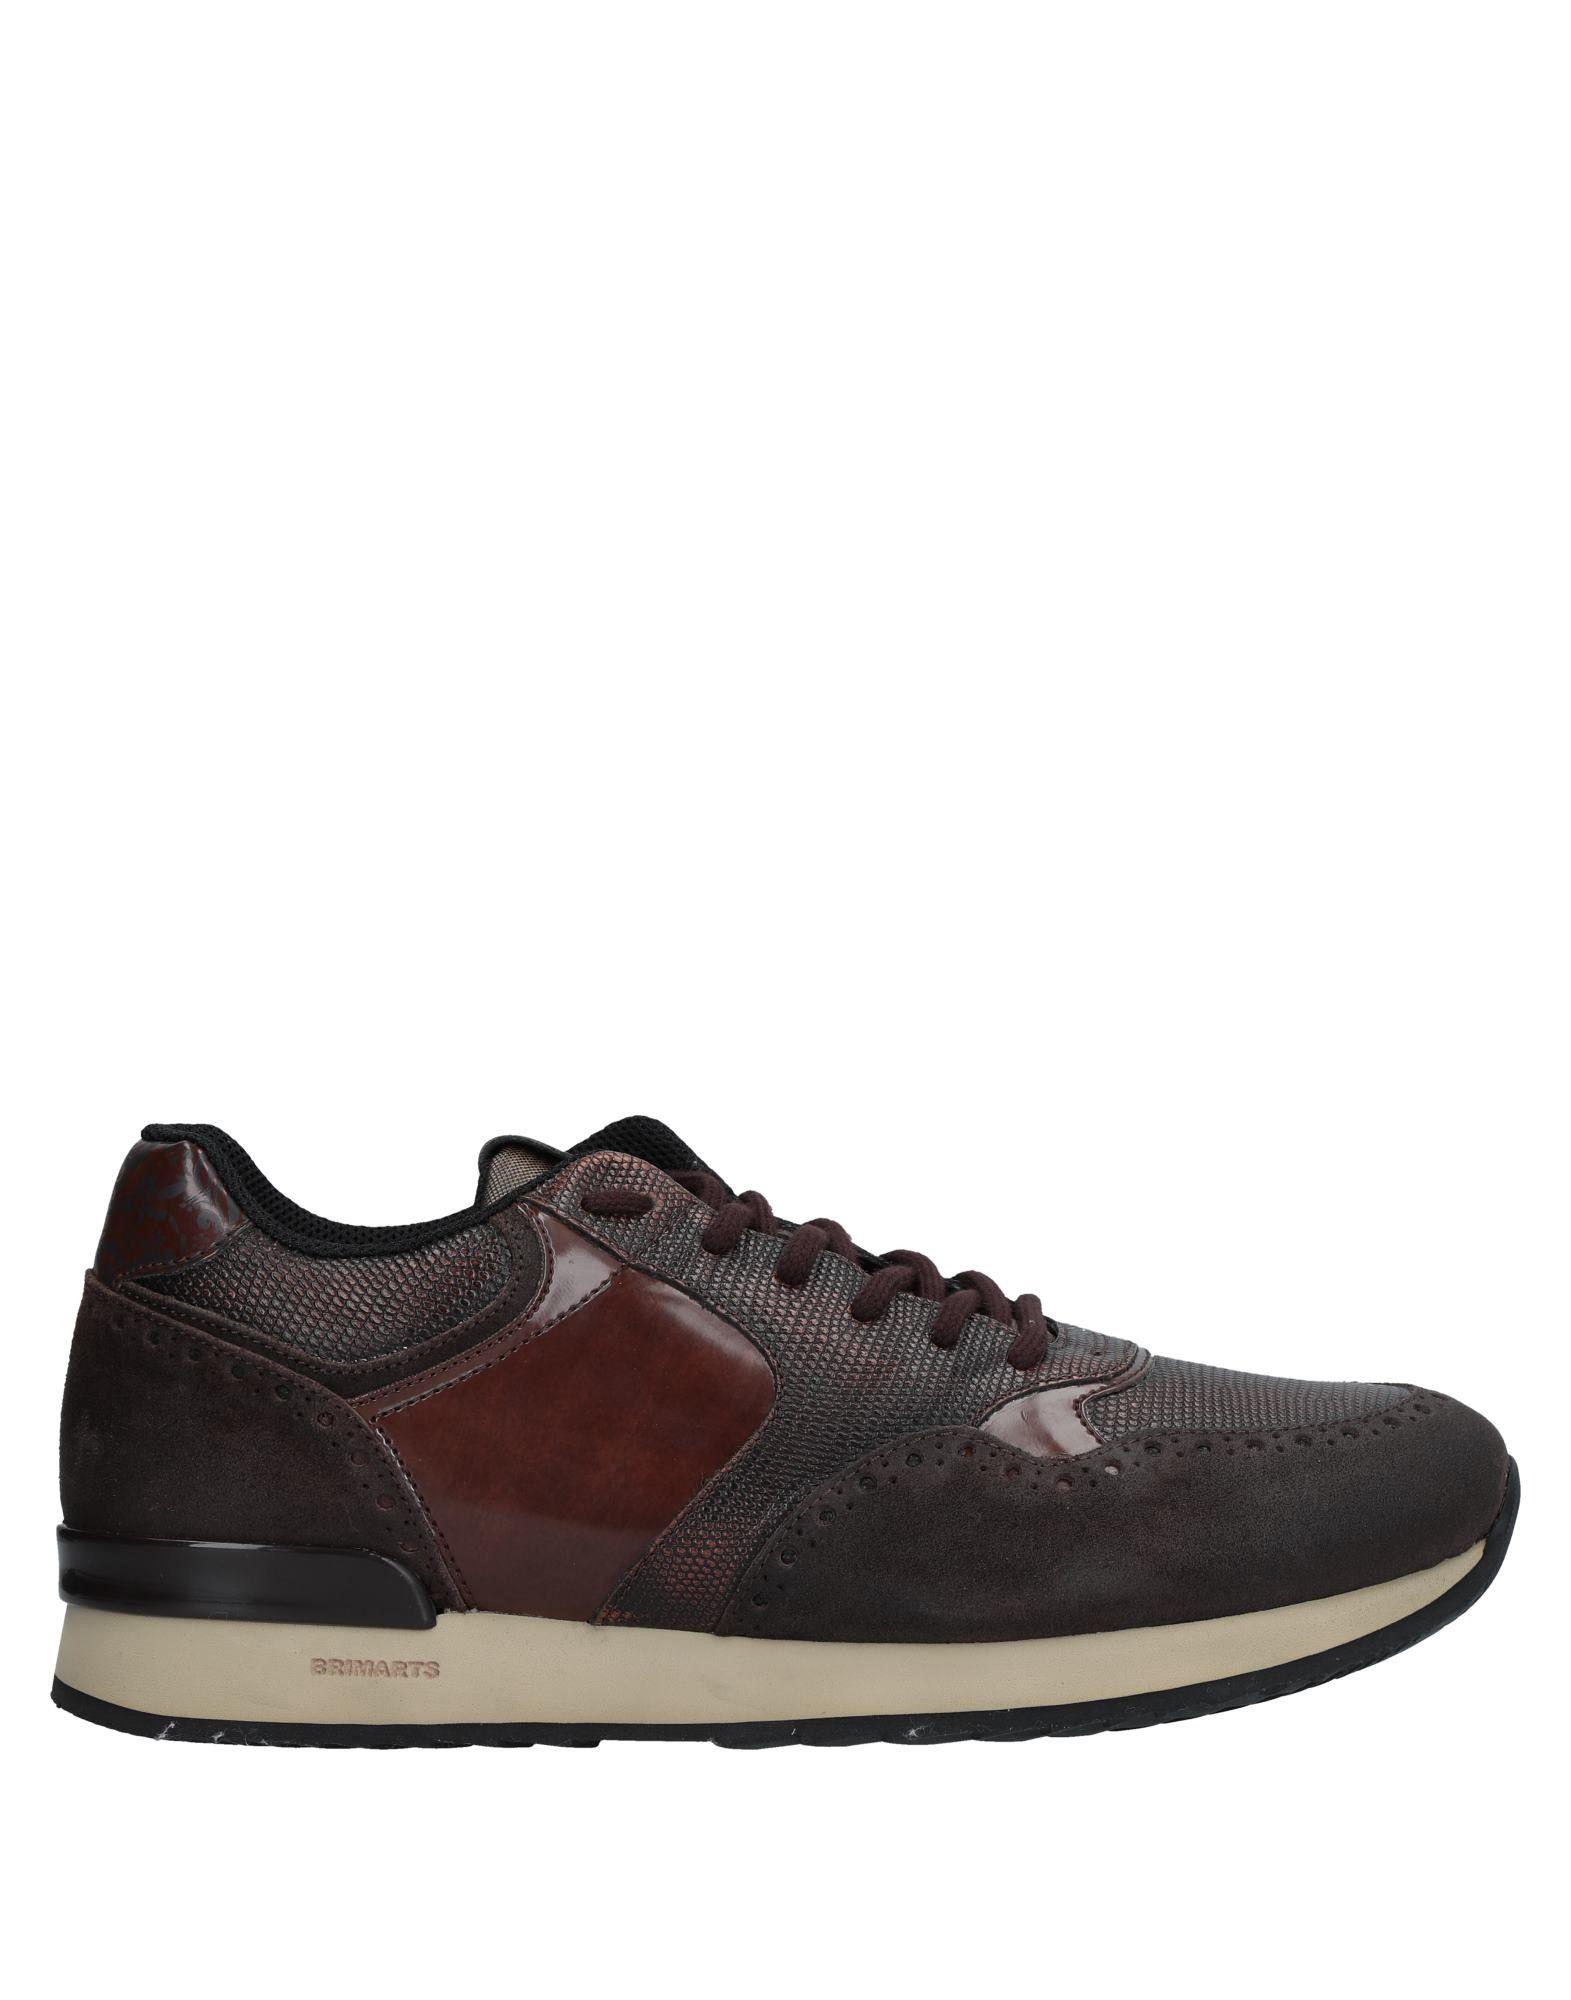 Sneakers Brimarts Uomo - 11296498SV Scarpe economiche e buone